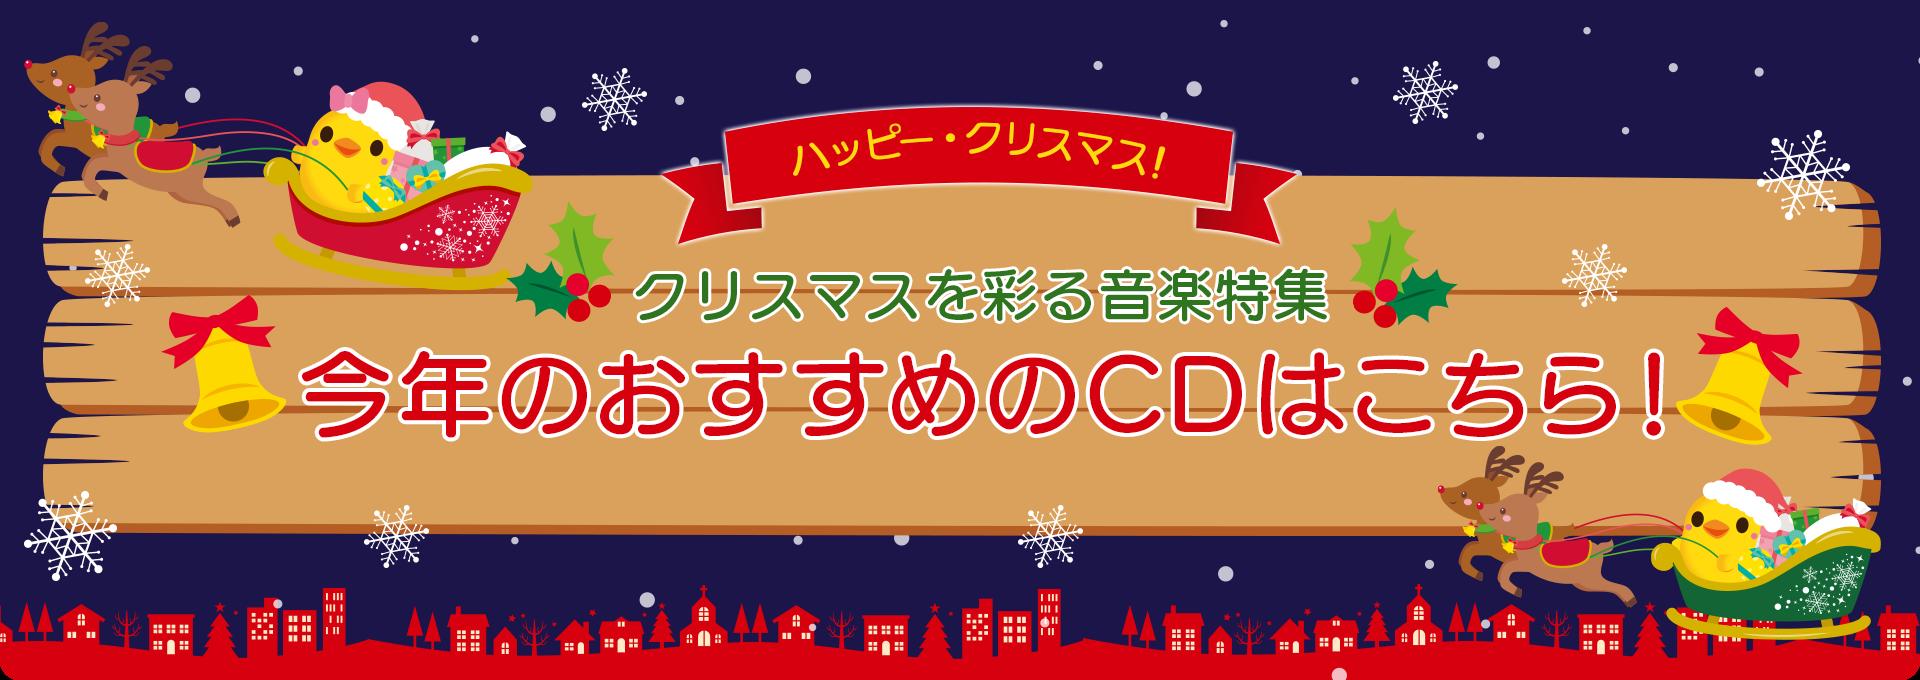 特集【2018年11月号】:ハッピー・クリスマス!クリスマスを彩る音楽特集今年のおすすめのCDはこちら!